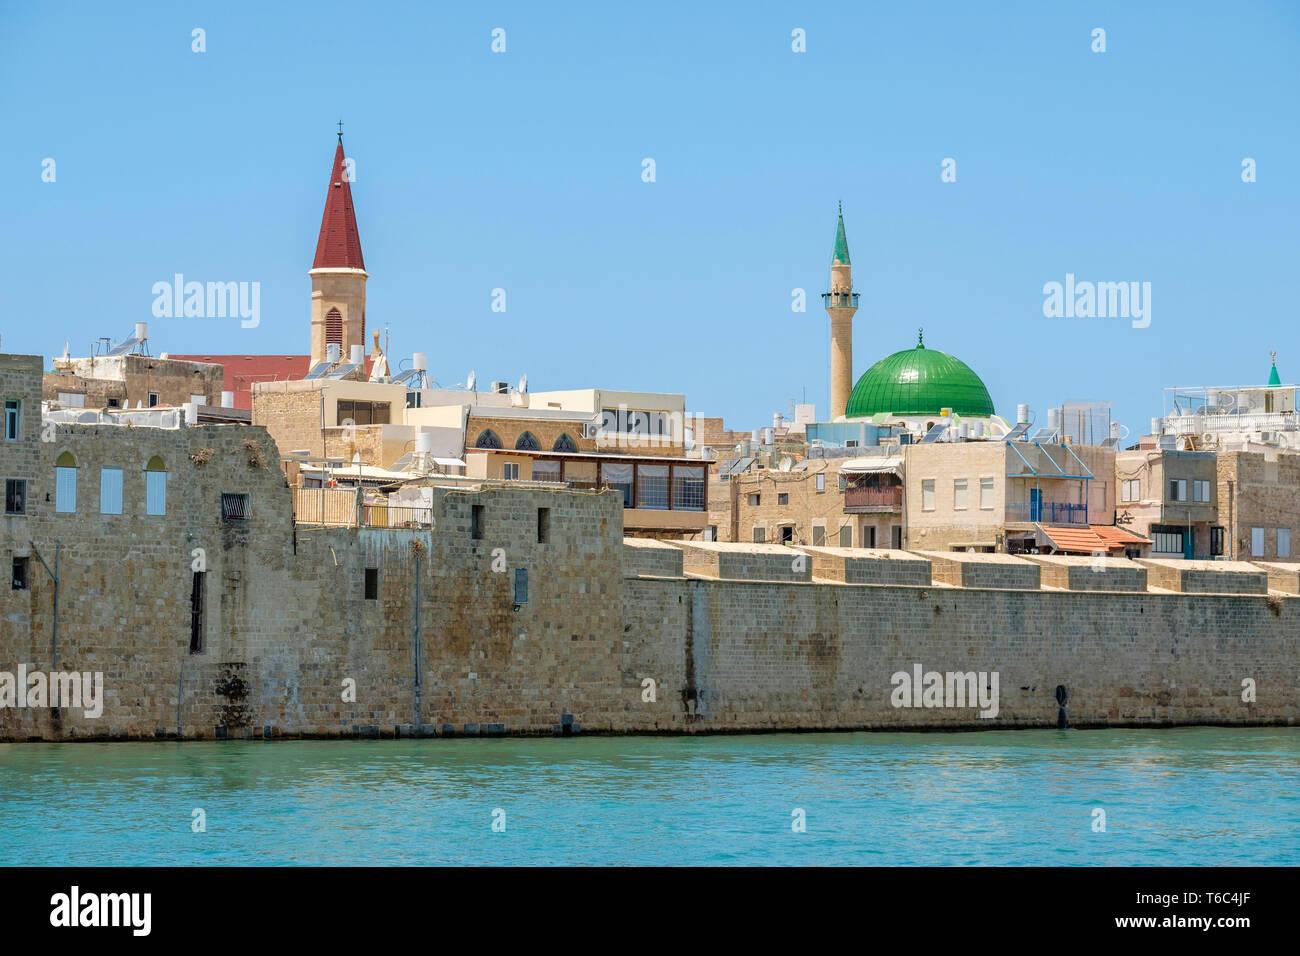 Israël, quartier Nord, Galilée, Acre (Akko). La mosquée Al-Jazzar et bâtiments dans la vieille ville d'Akko harbor. Photo Stock